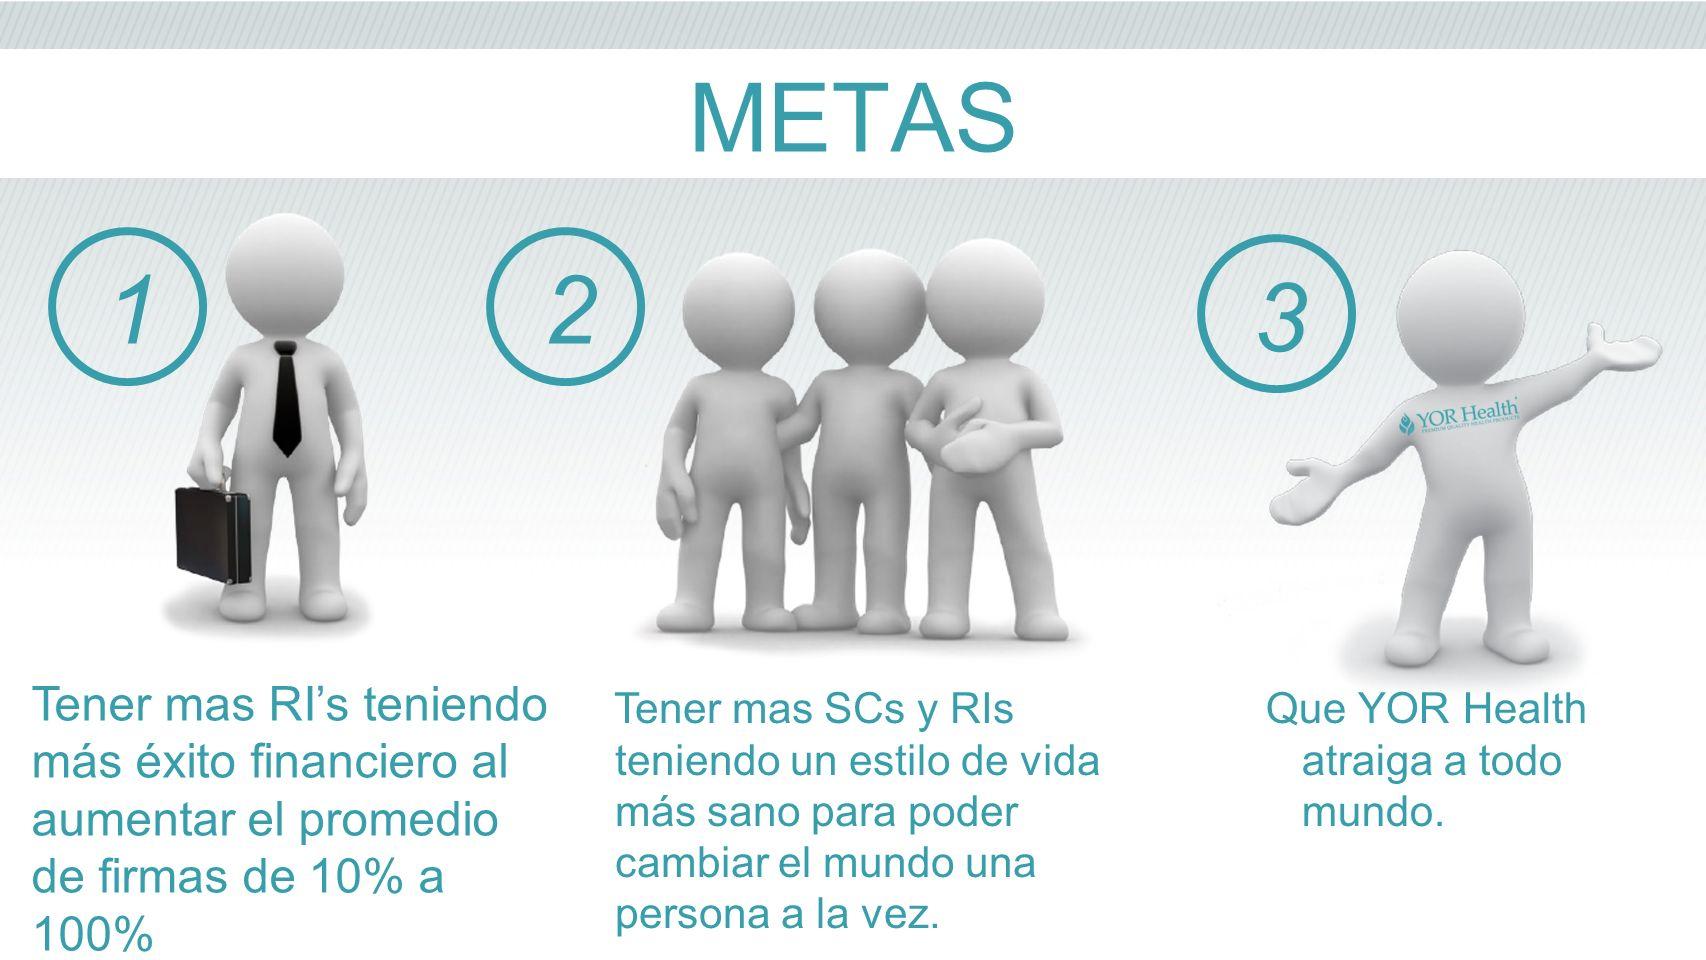 METAS 1. 2. 3. Tener mas RI's teniendo más éxito financiero al aumentar el promedio de firmas de 10% a 100%